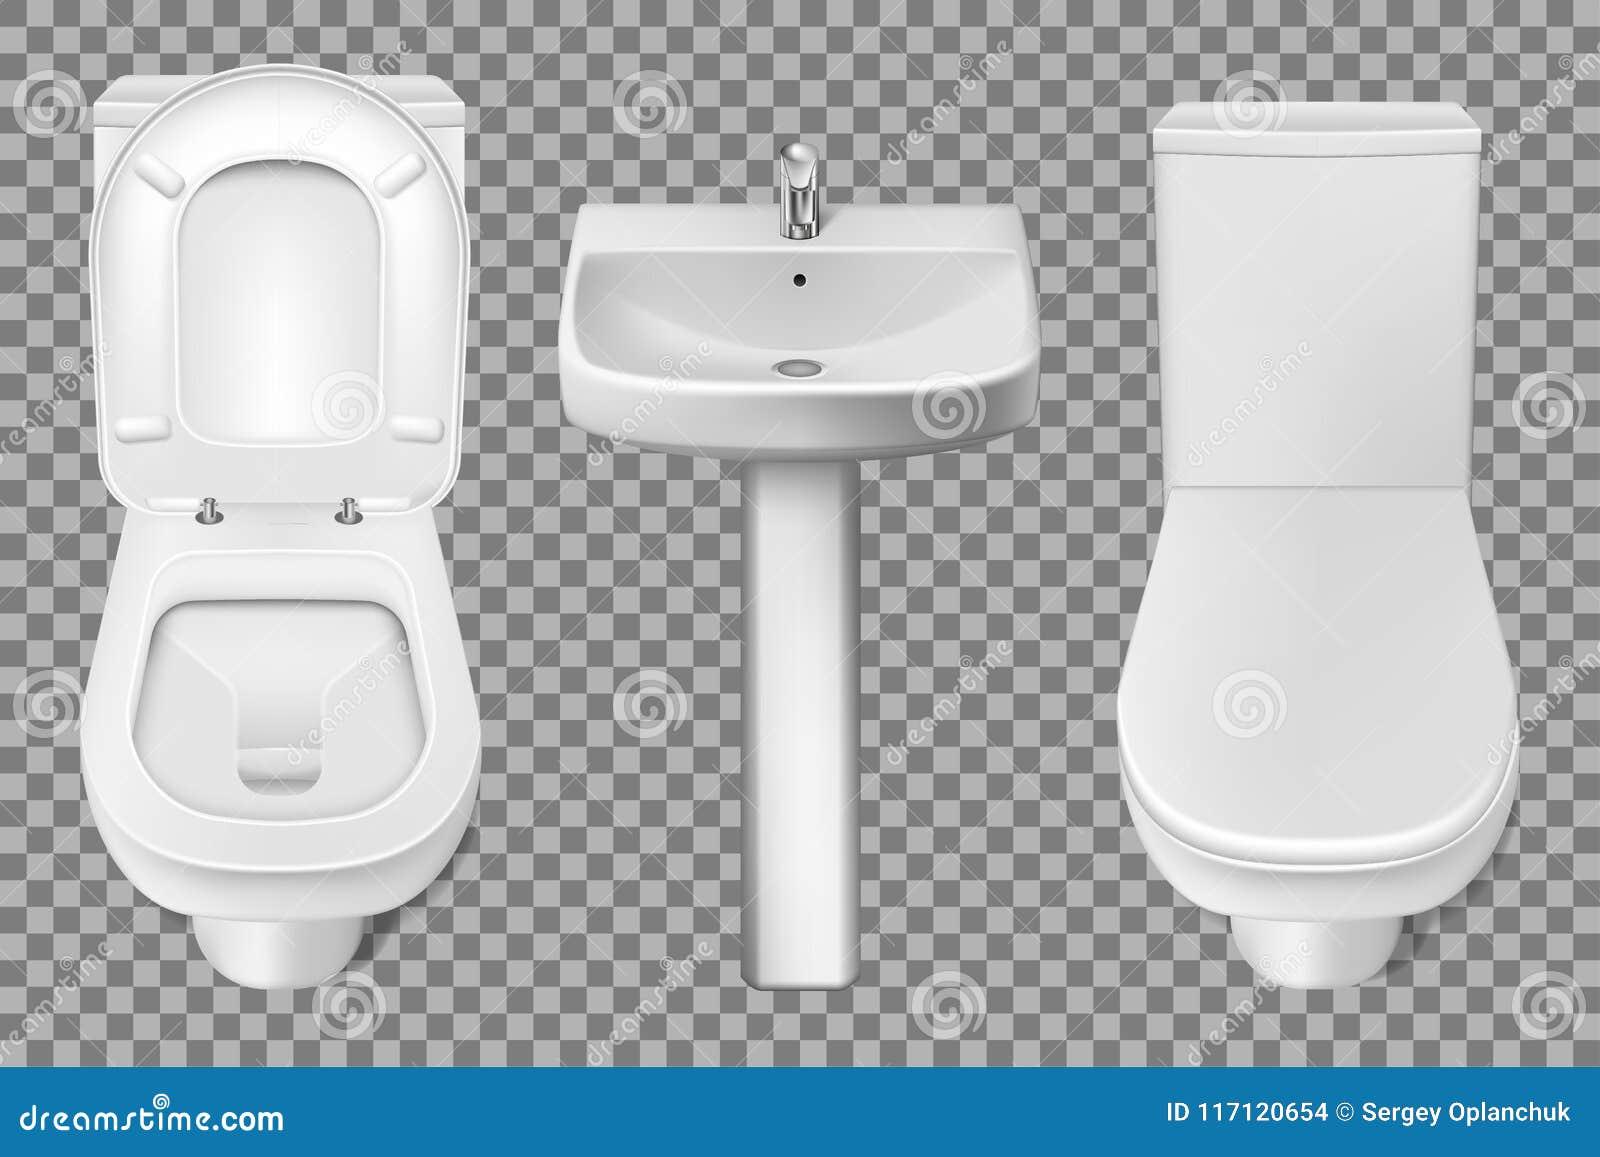 Plan De Toilette Salle De Bain toilette int�rieure de salle de bains et maquette r�aliste